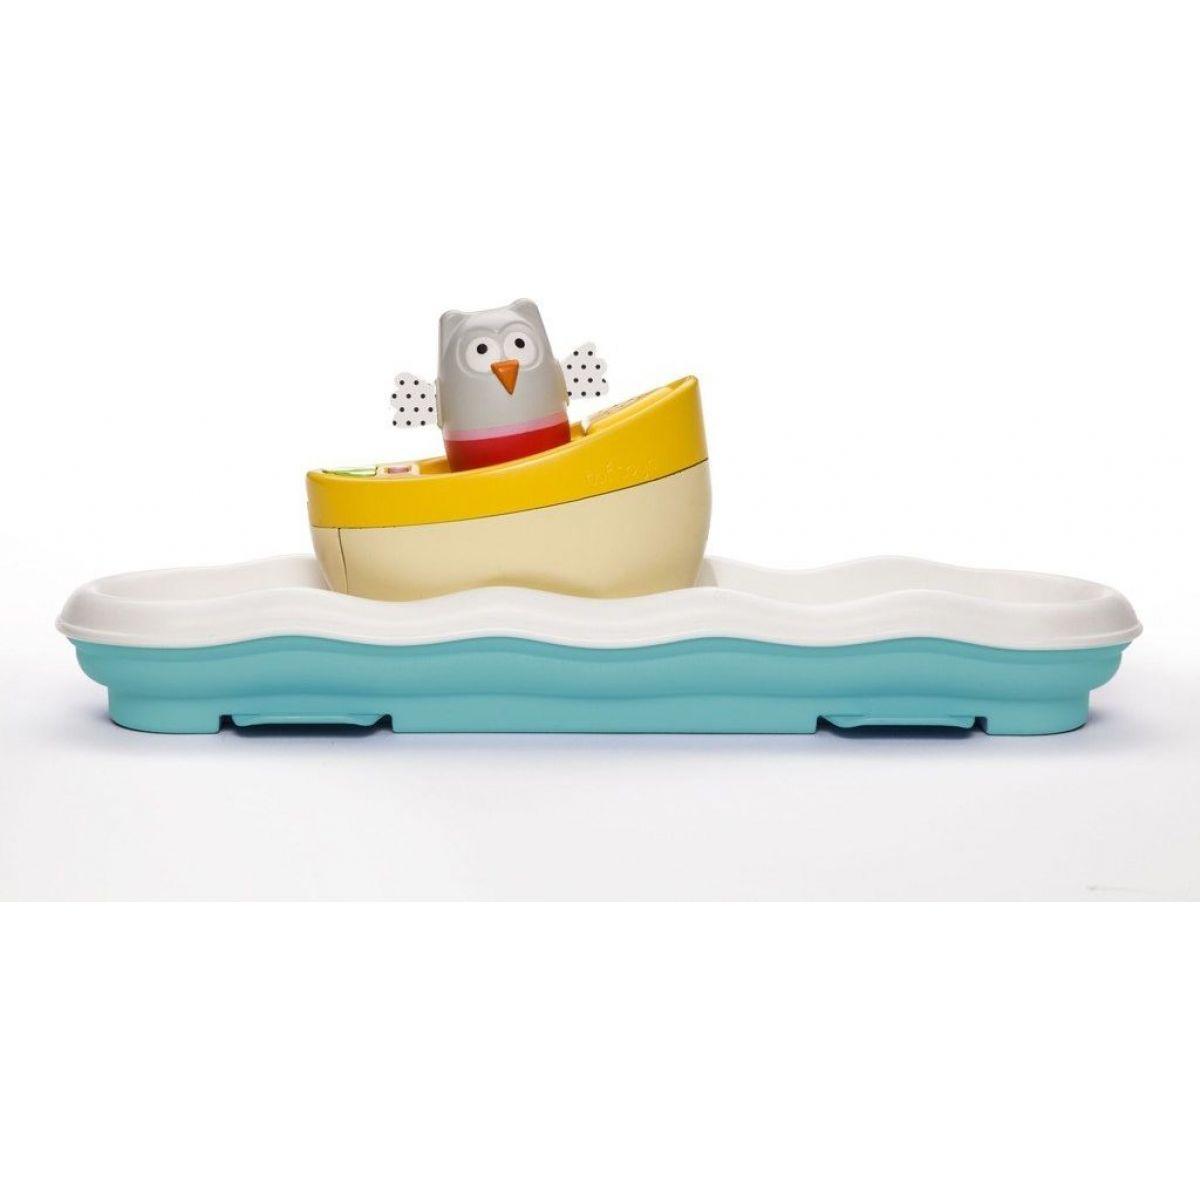 Taf Toys Hudobná lodička 3v1